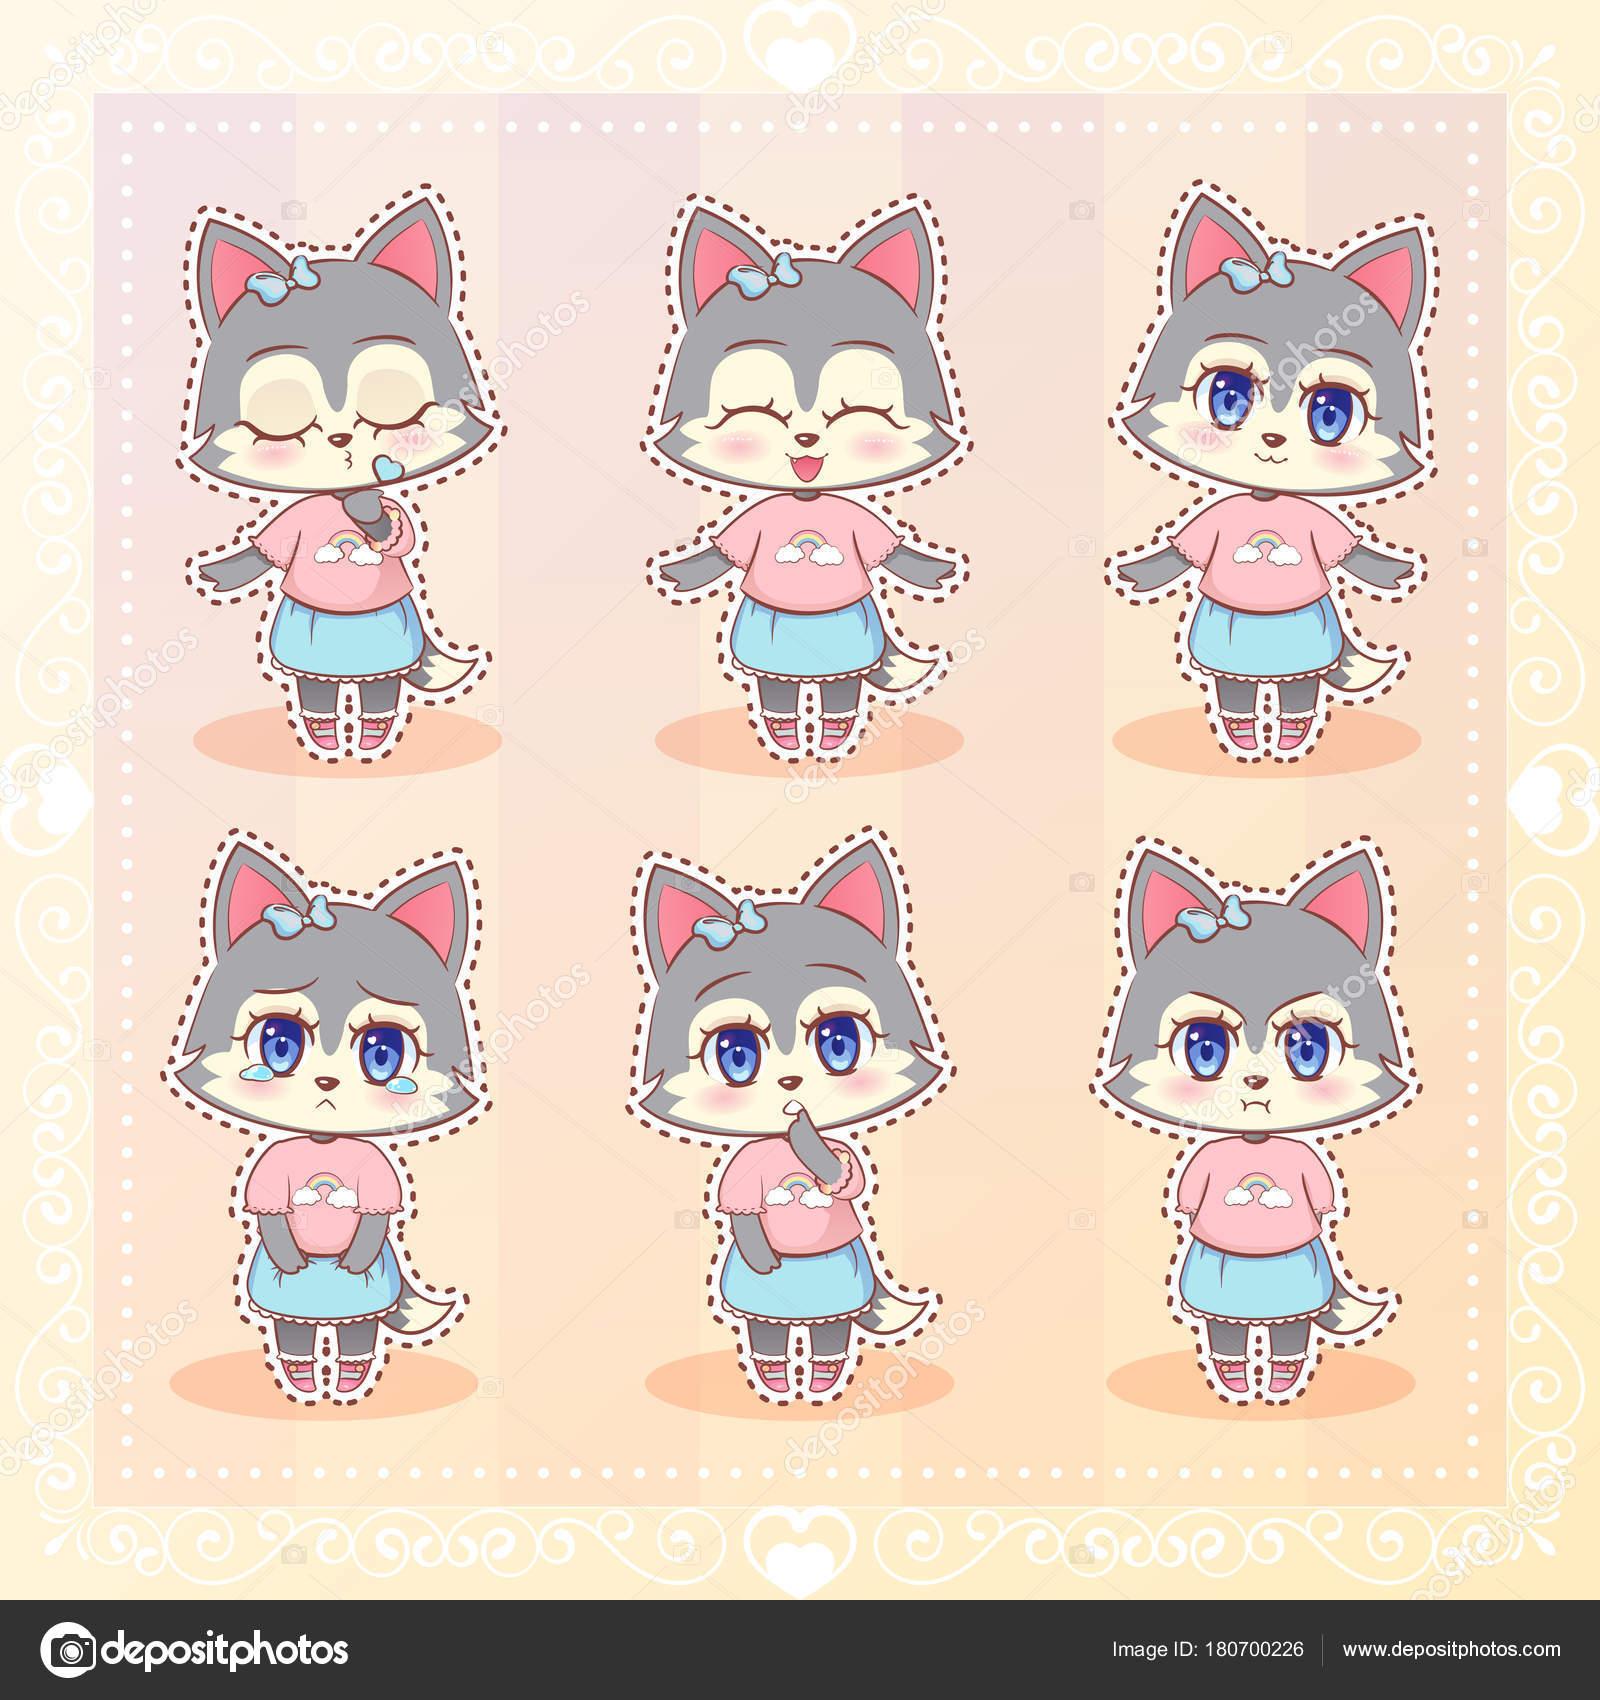 Dulce Kitty kawaii cute anime dibujos animados perro husky lobo ...